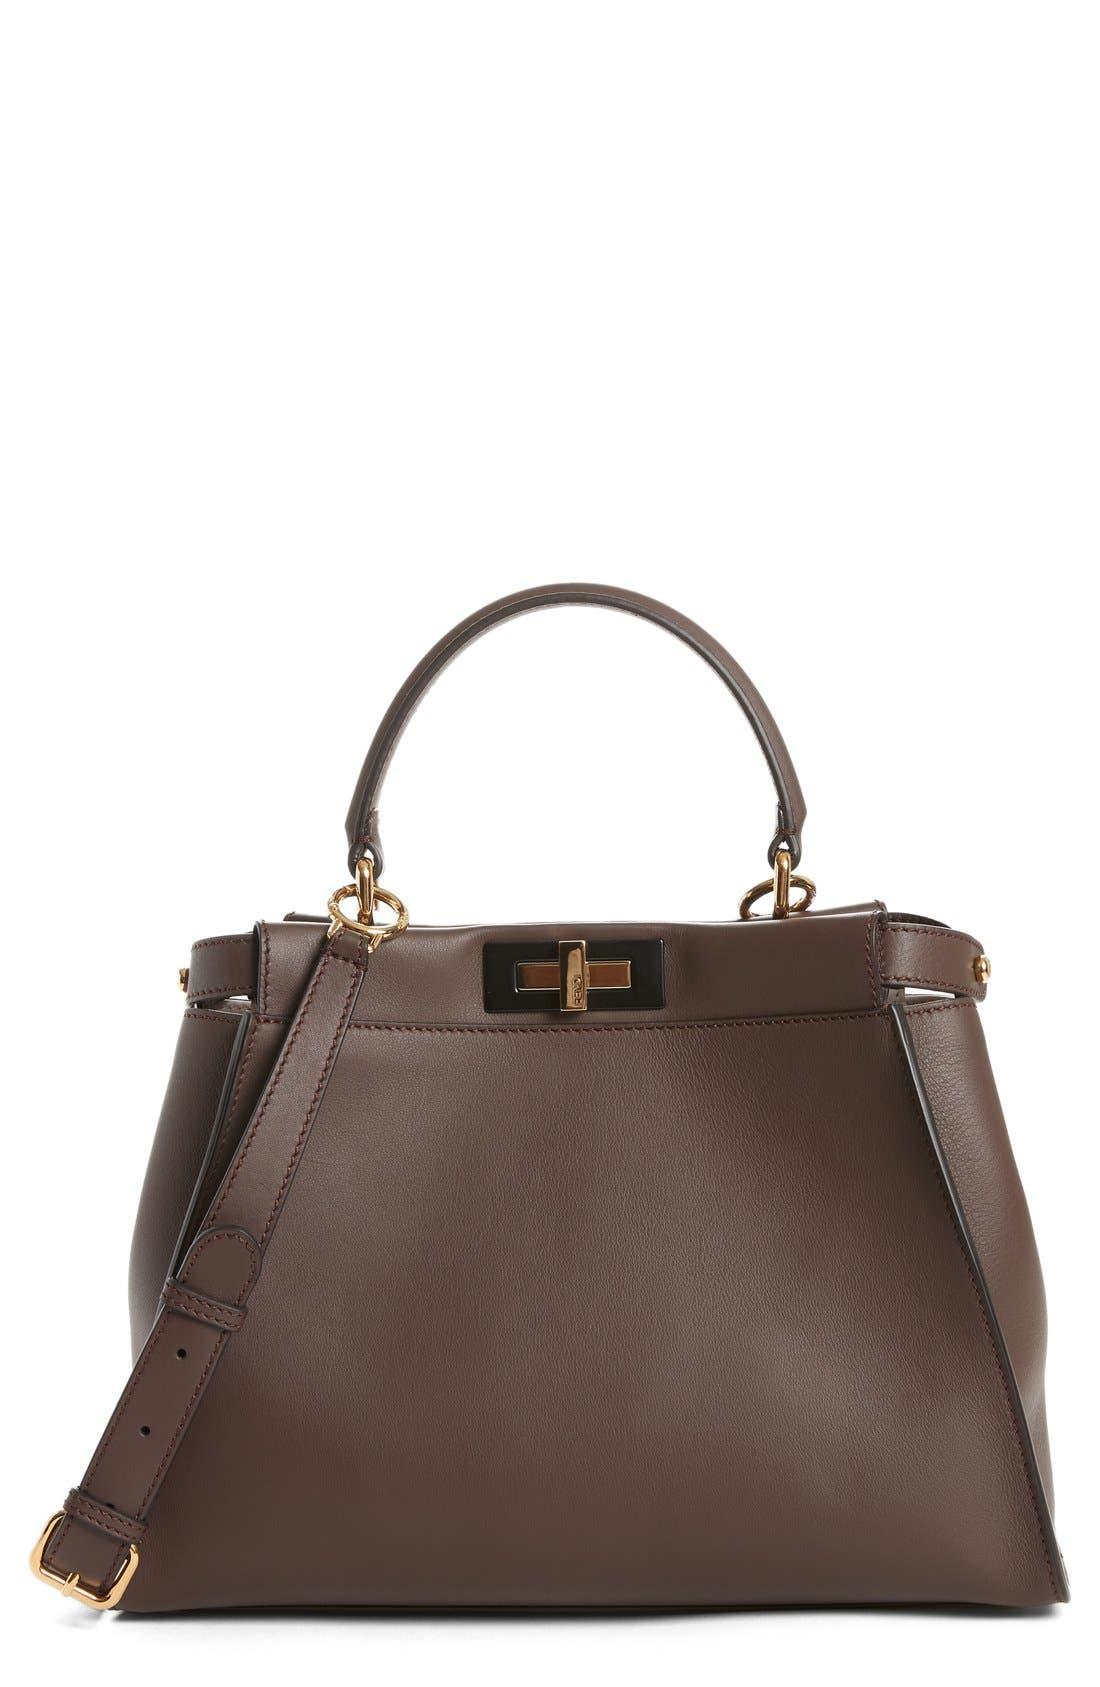 Main Image - Fendi 'Peek-A-Boo' Medium Crossbody Bag